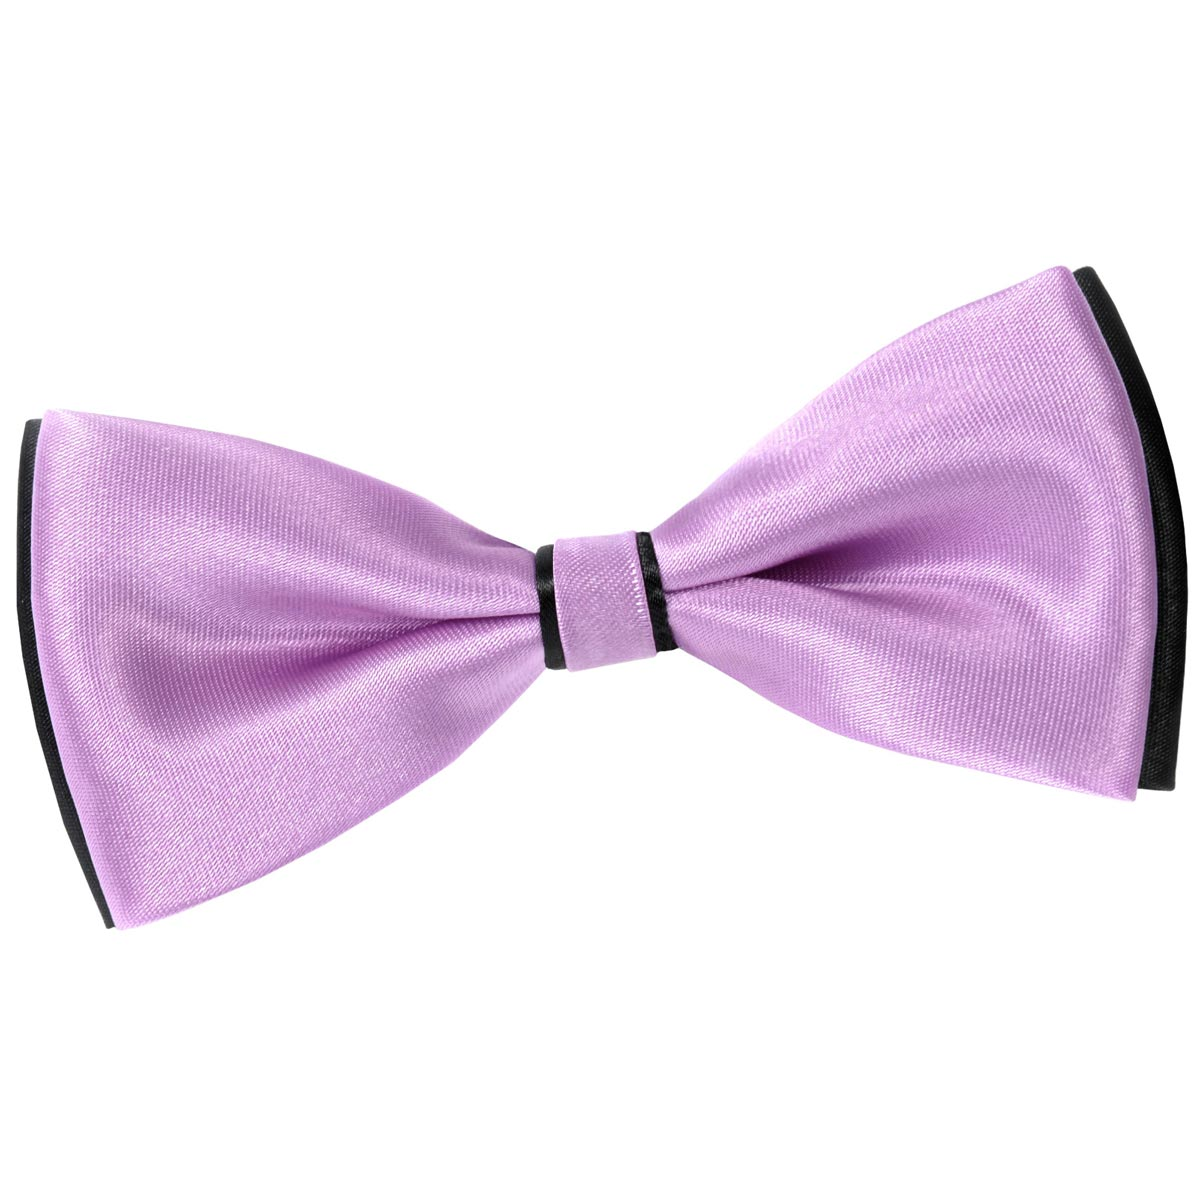 _Noeud-papillon-bicolore-lilas-noir-dandytouch